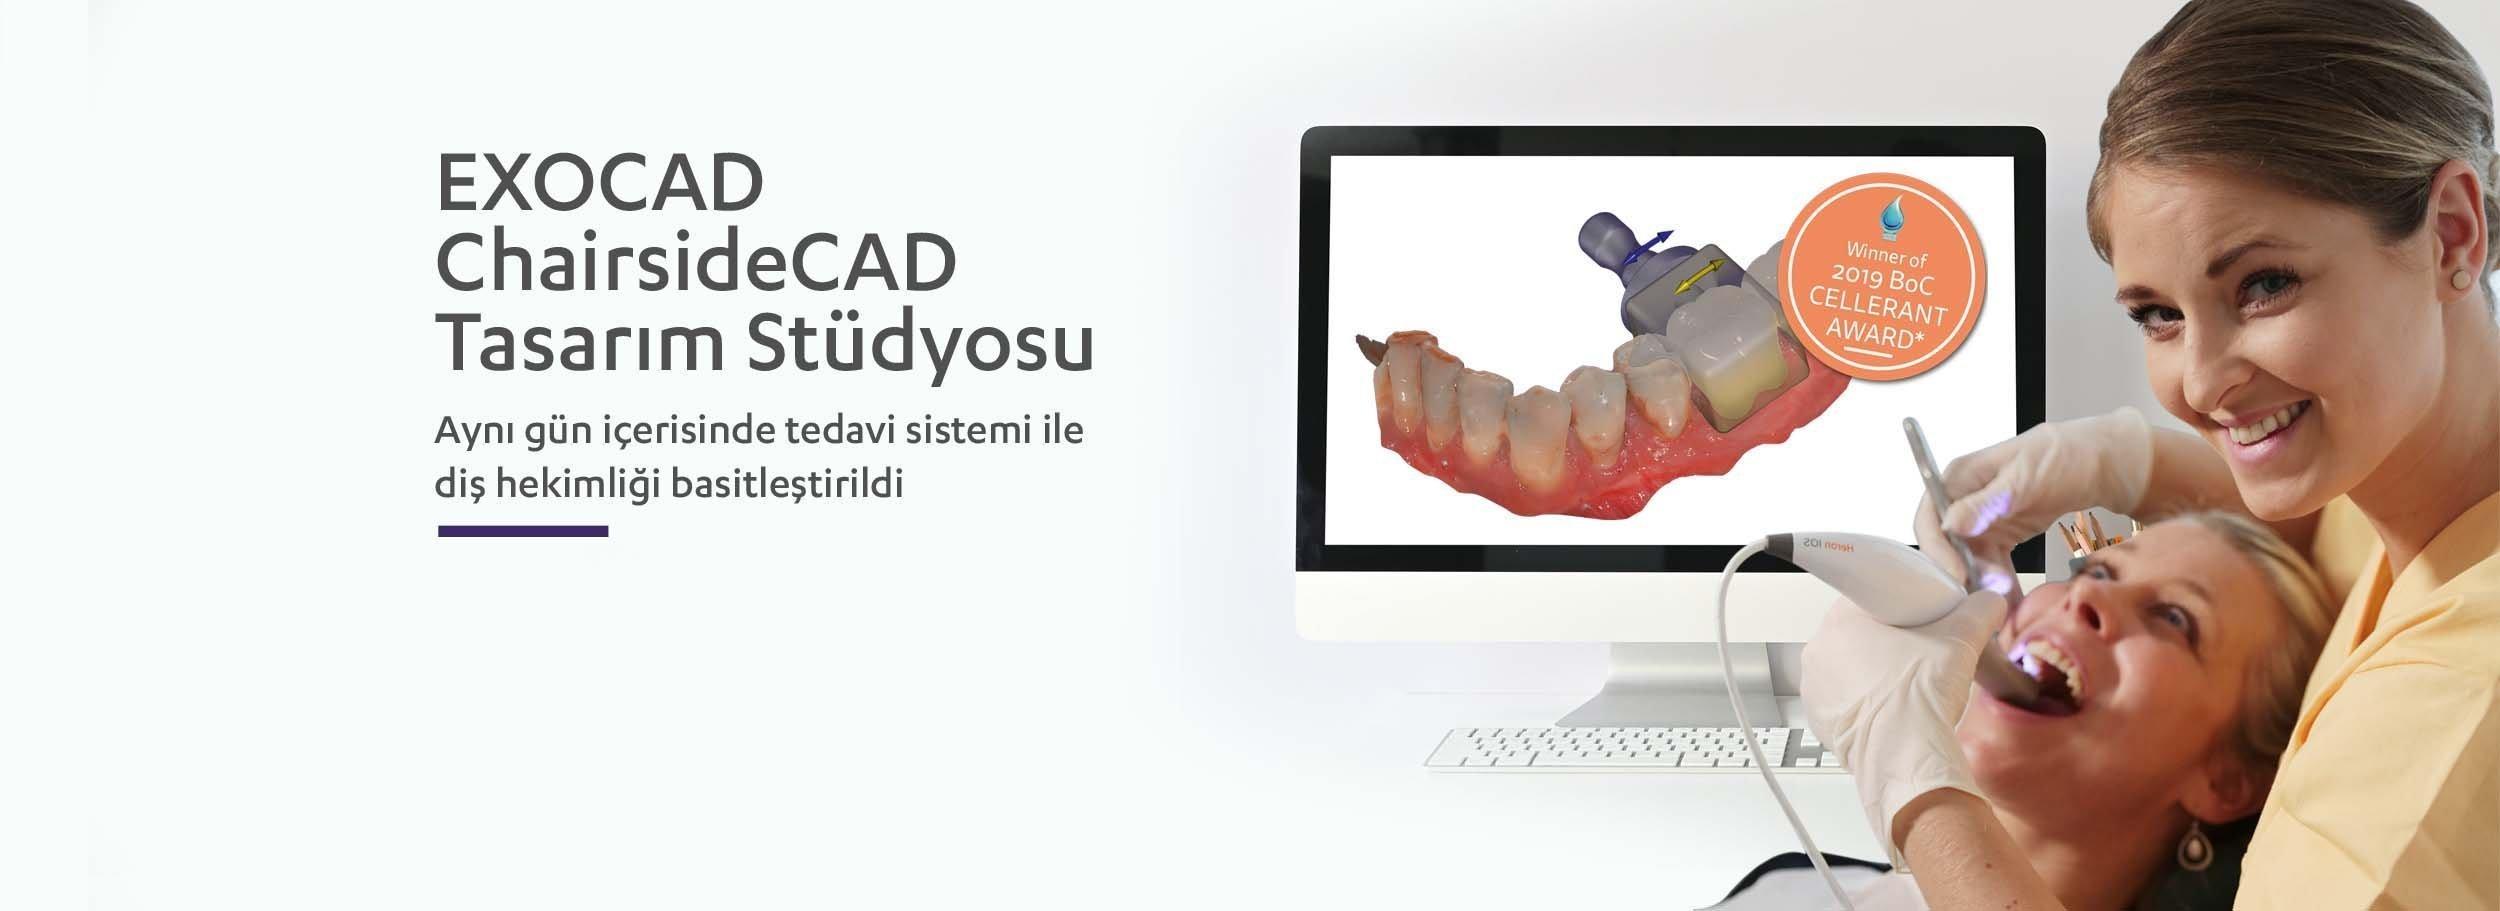 Klinik Tipi Yazılımlar